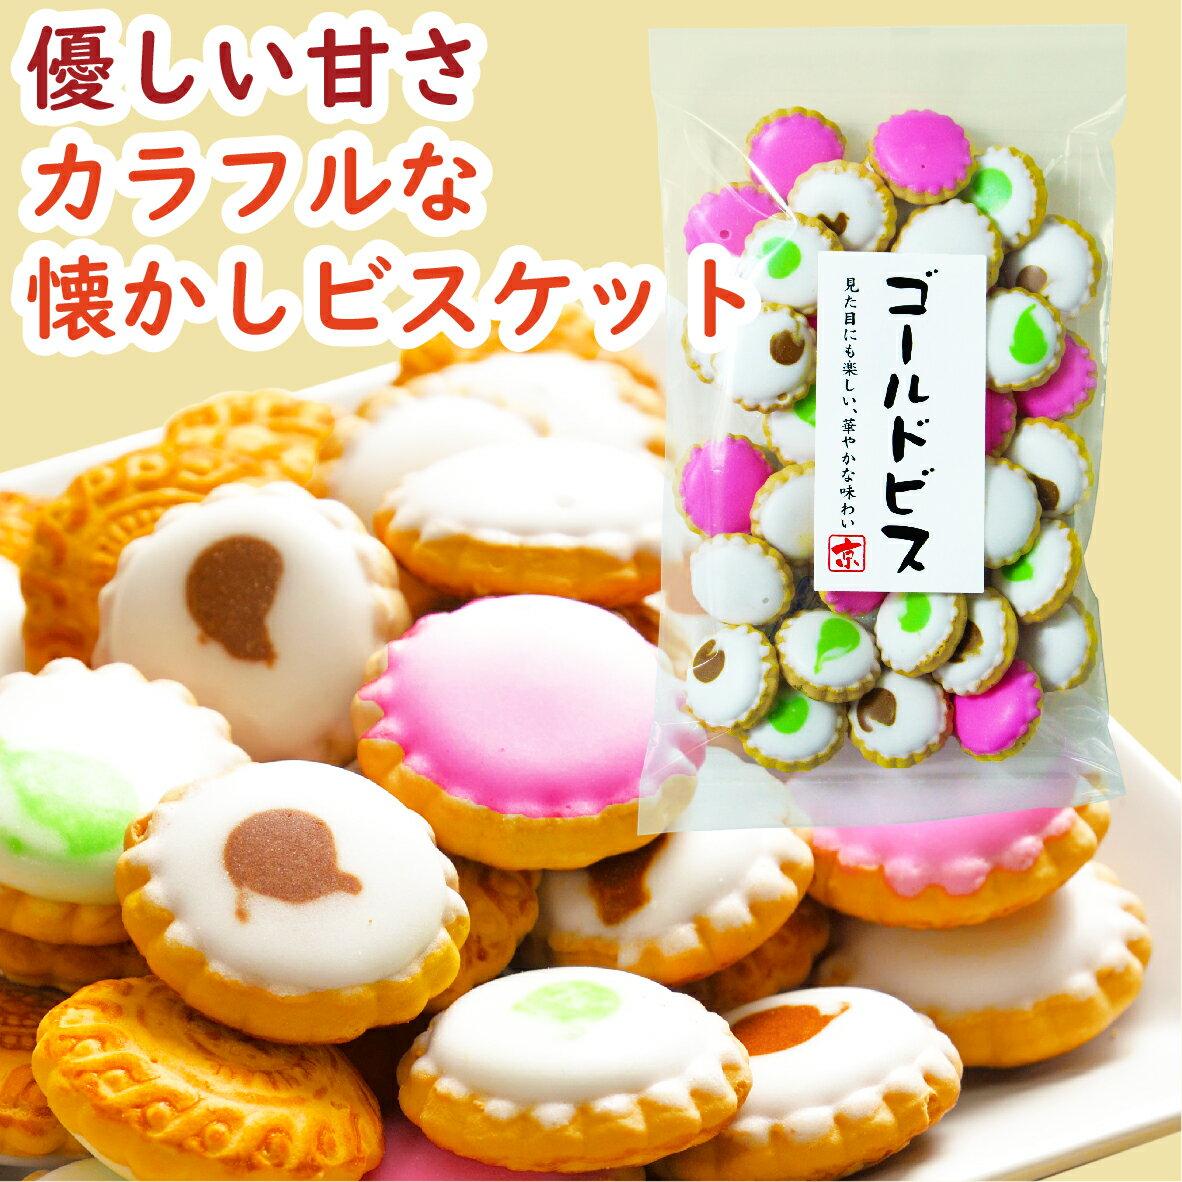 クッキー・焼き菓子, その他 100g